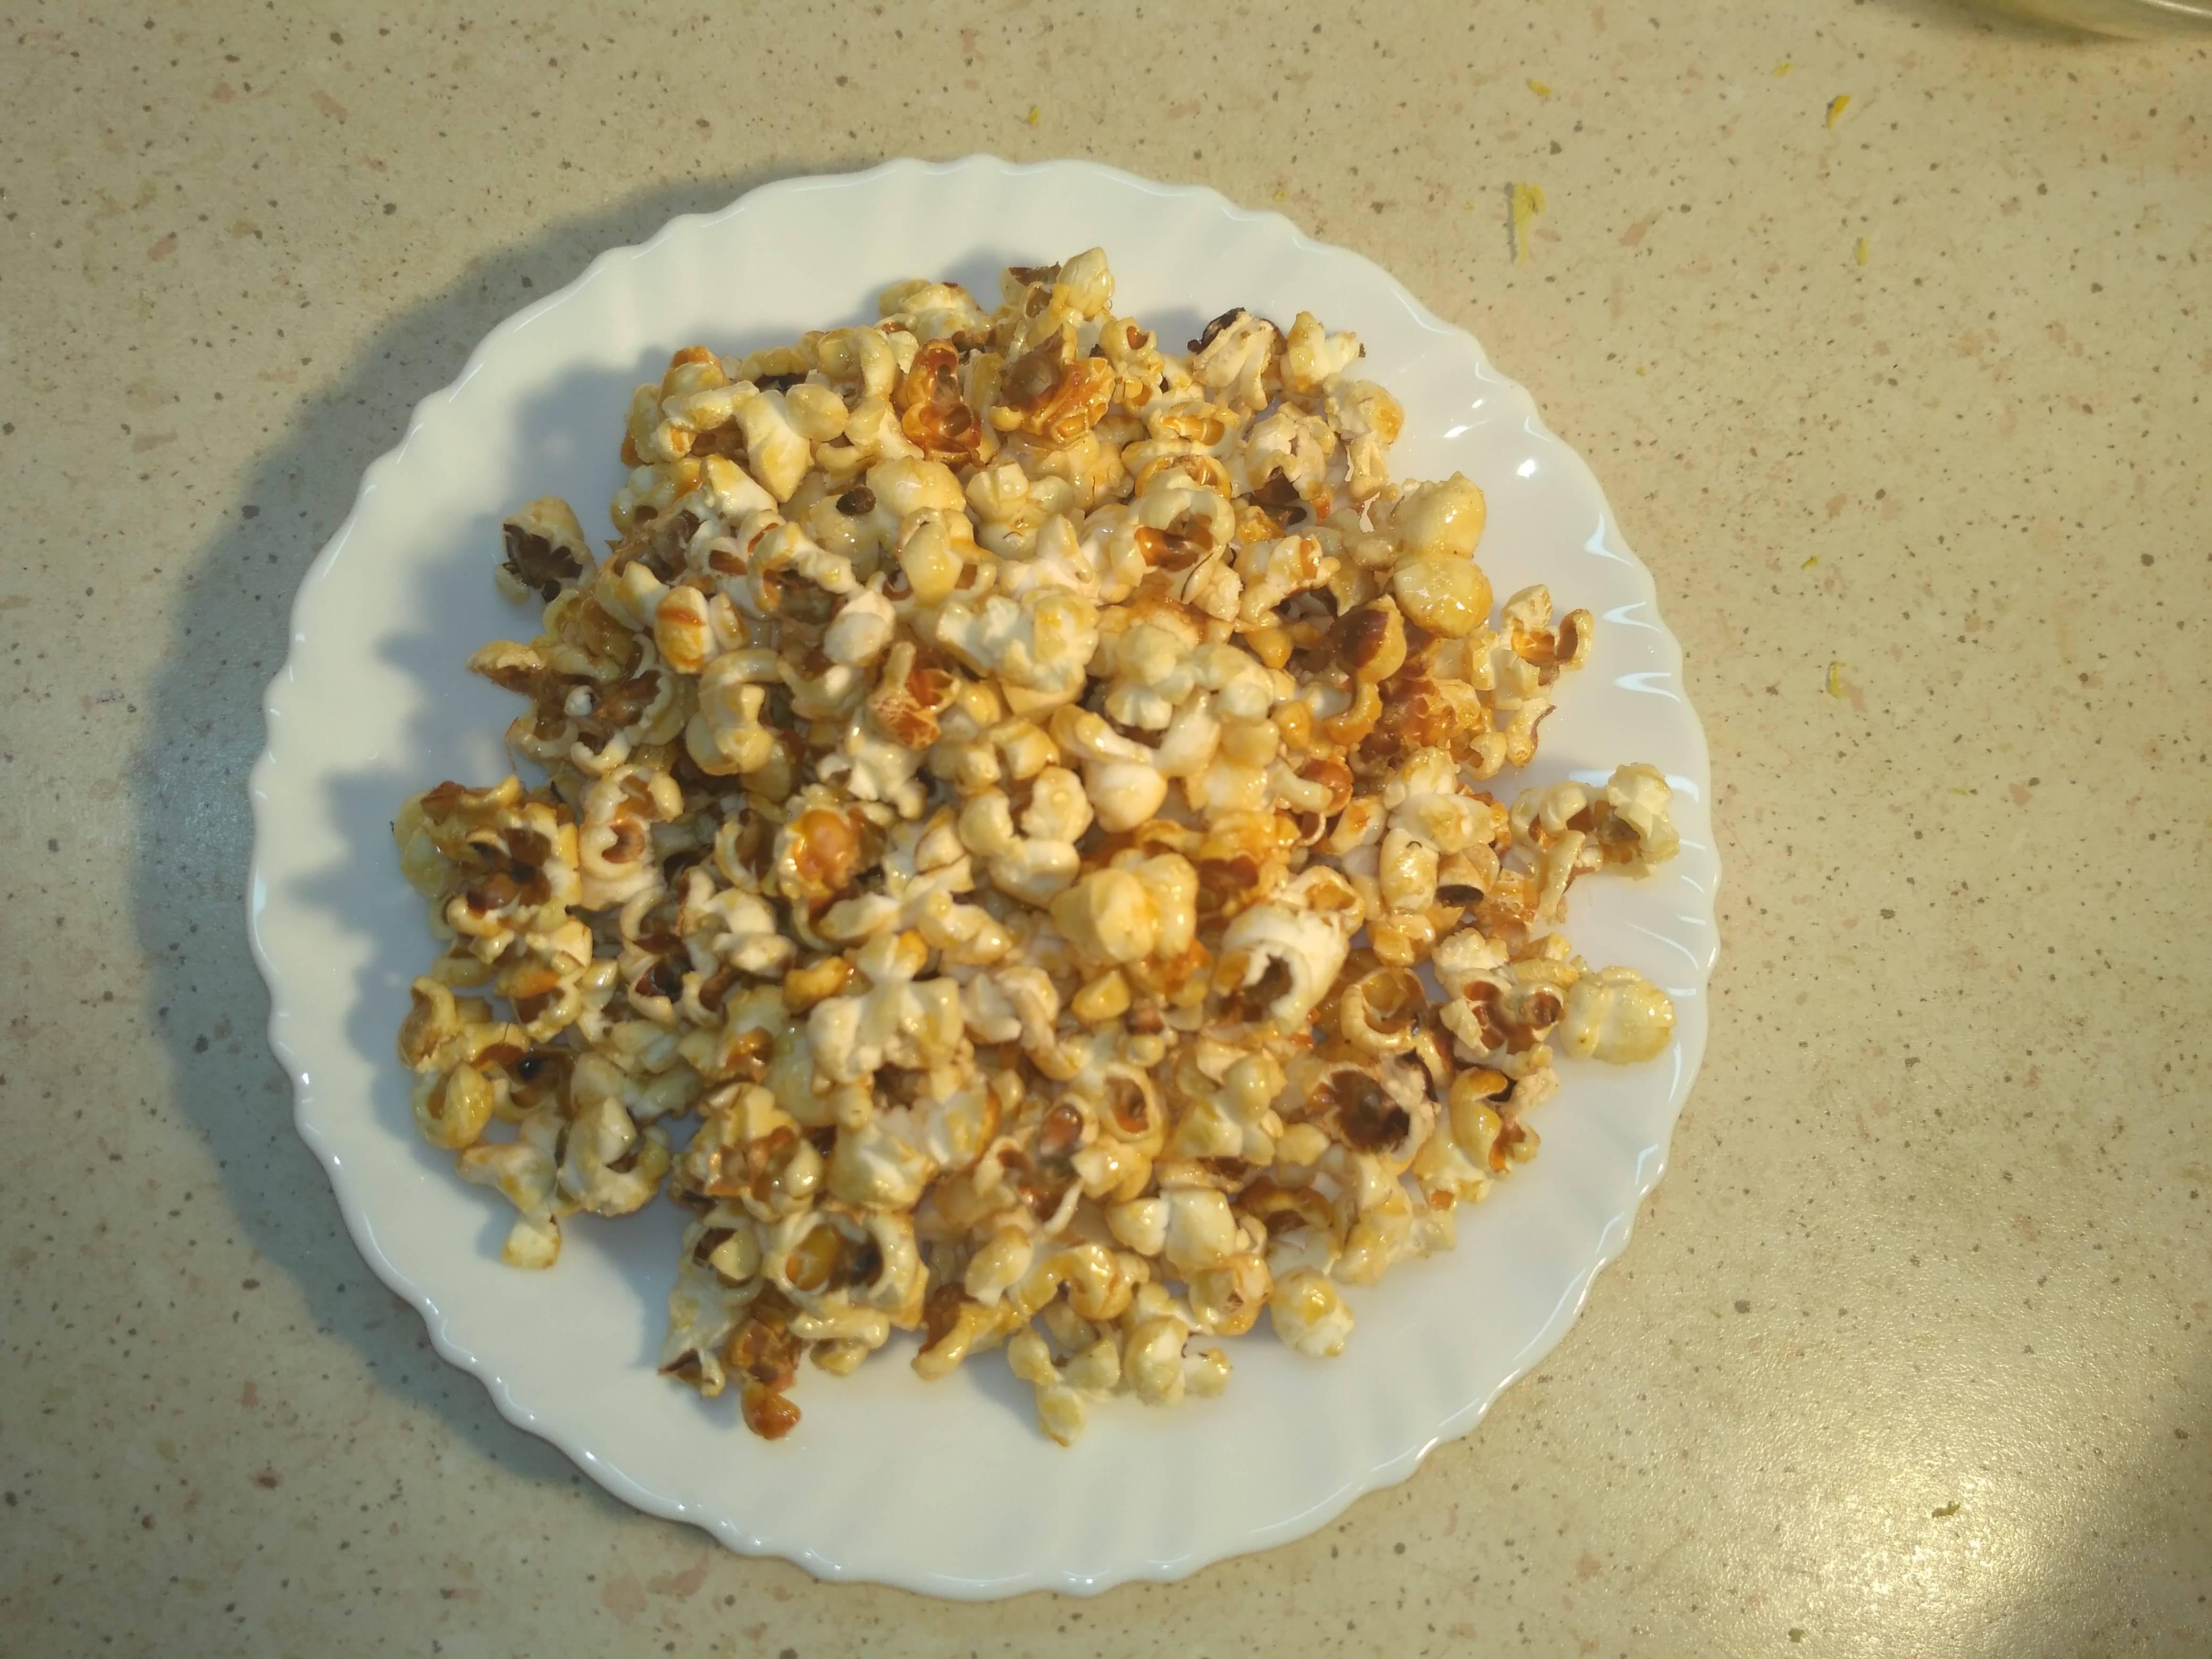 Как из кукурузы сделать попкорн в домашних условиях